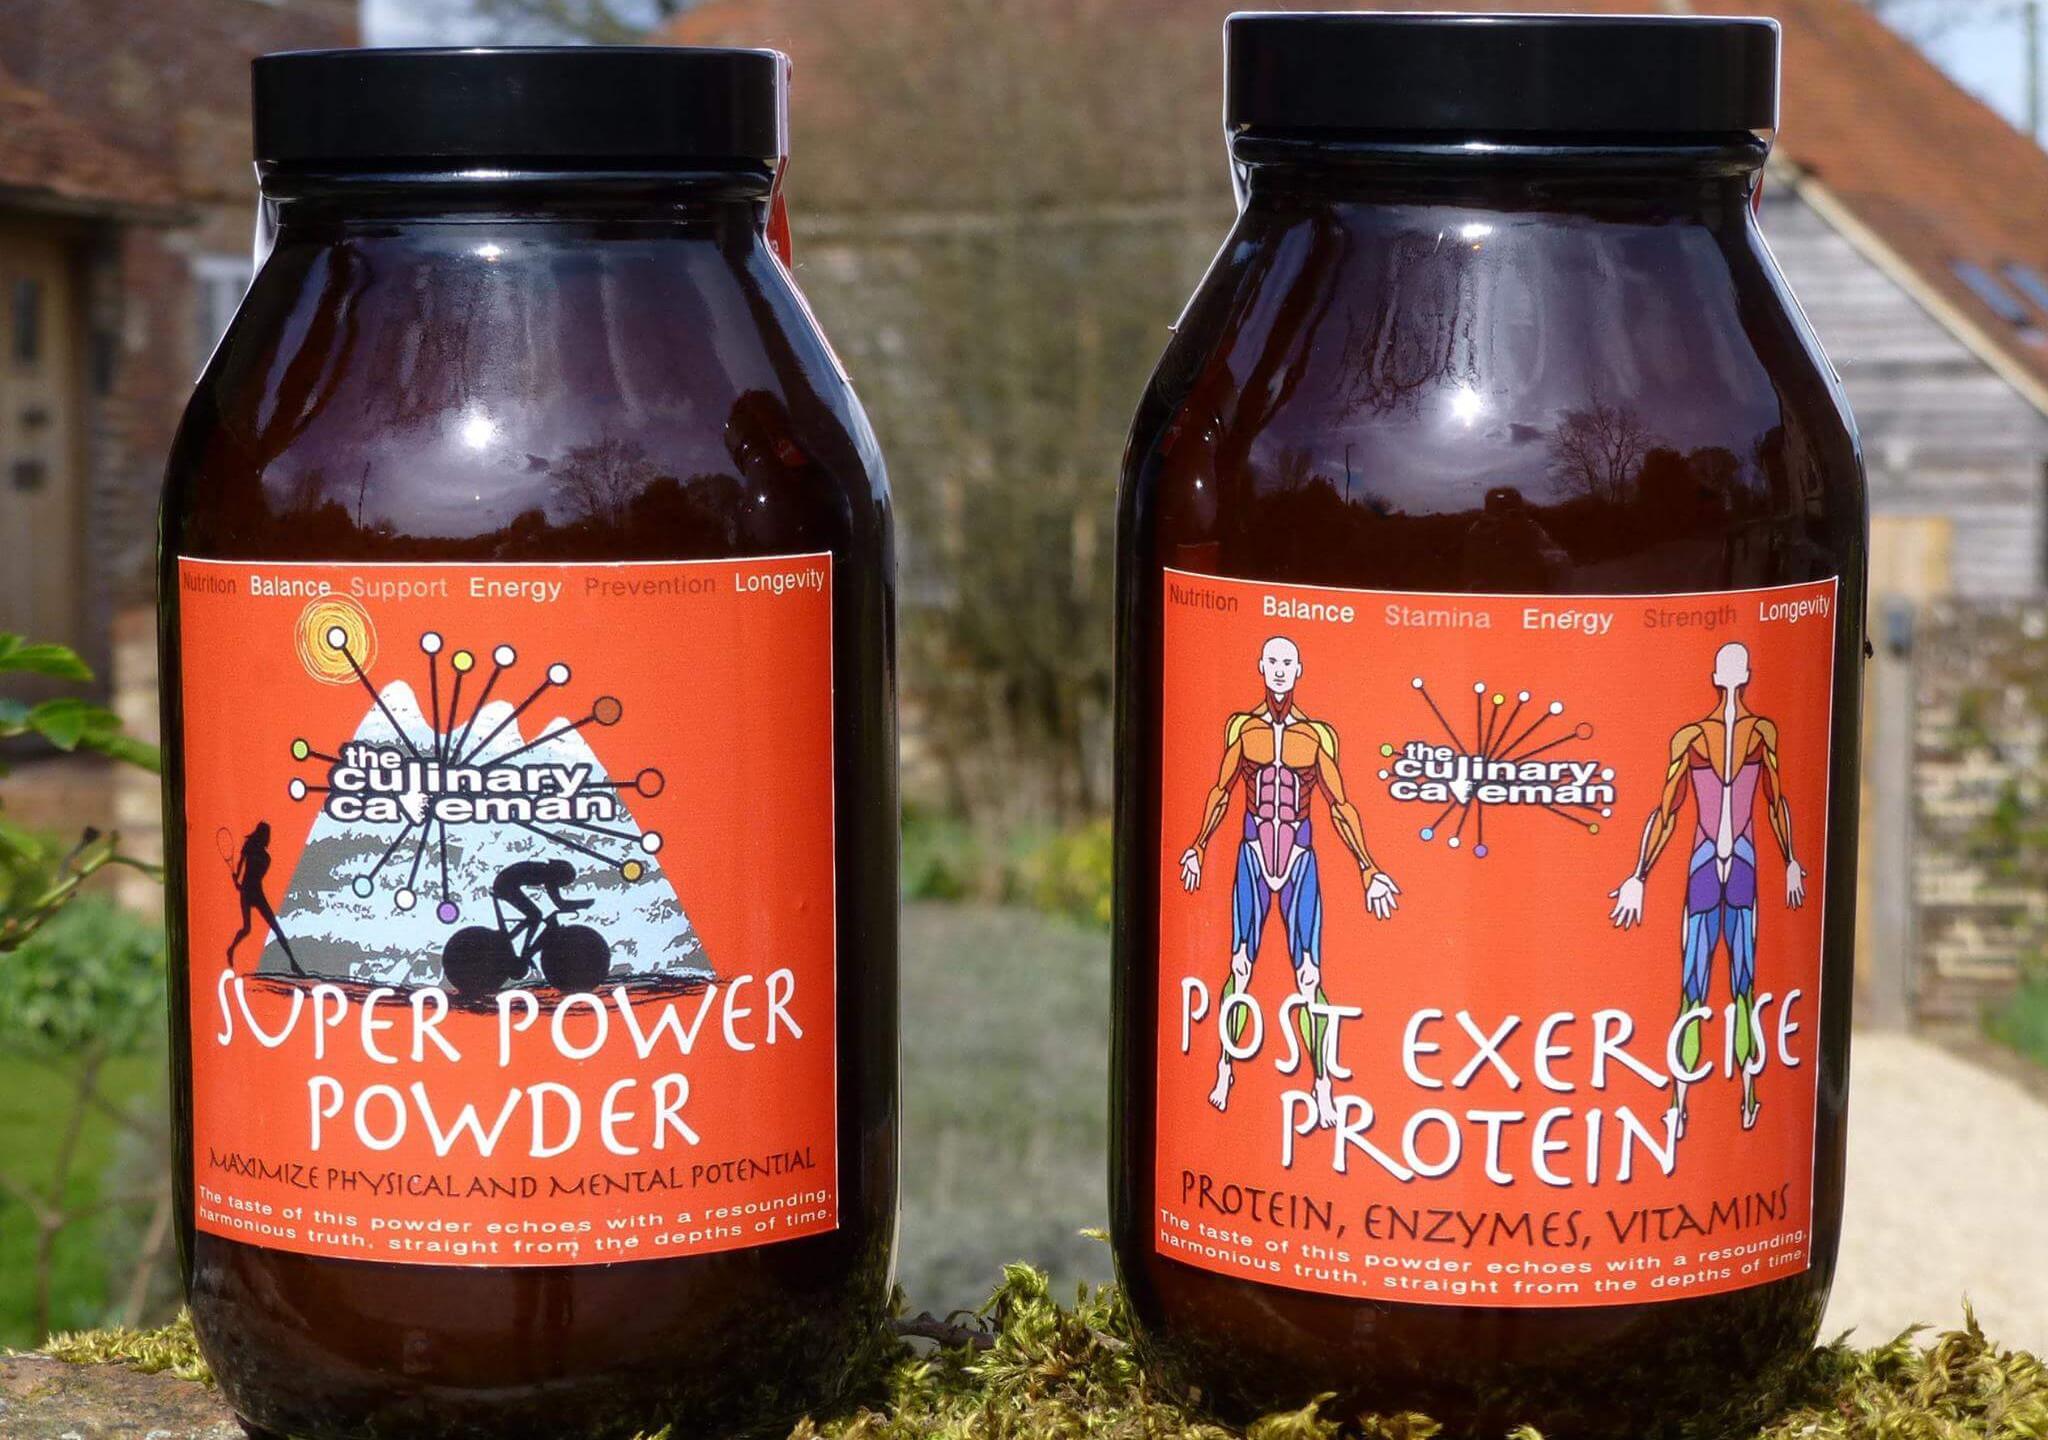 Post Exercise Protein Powder